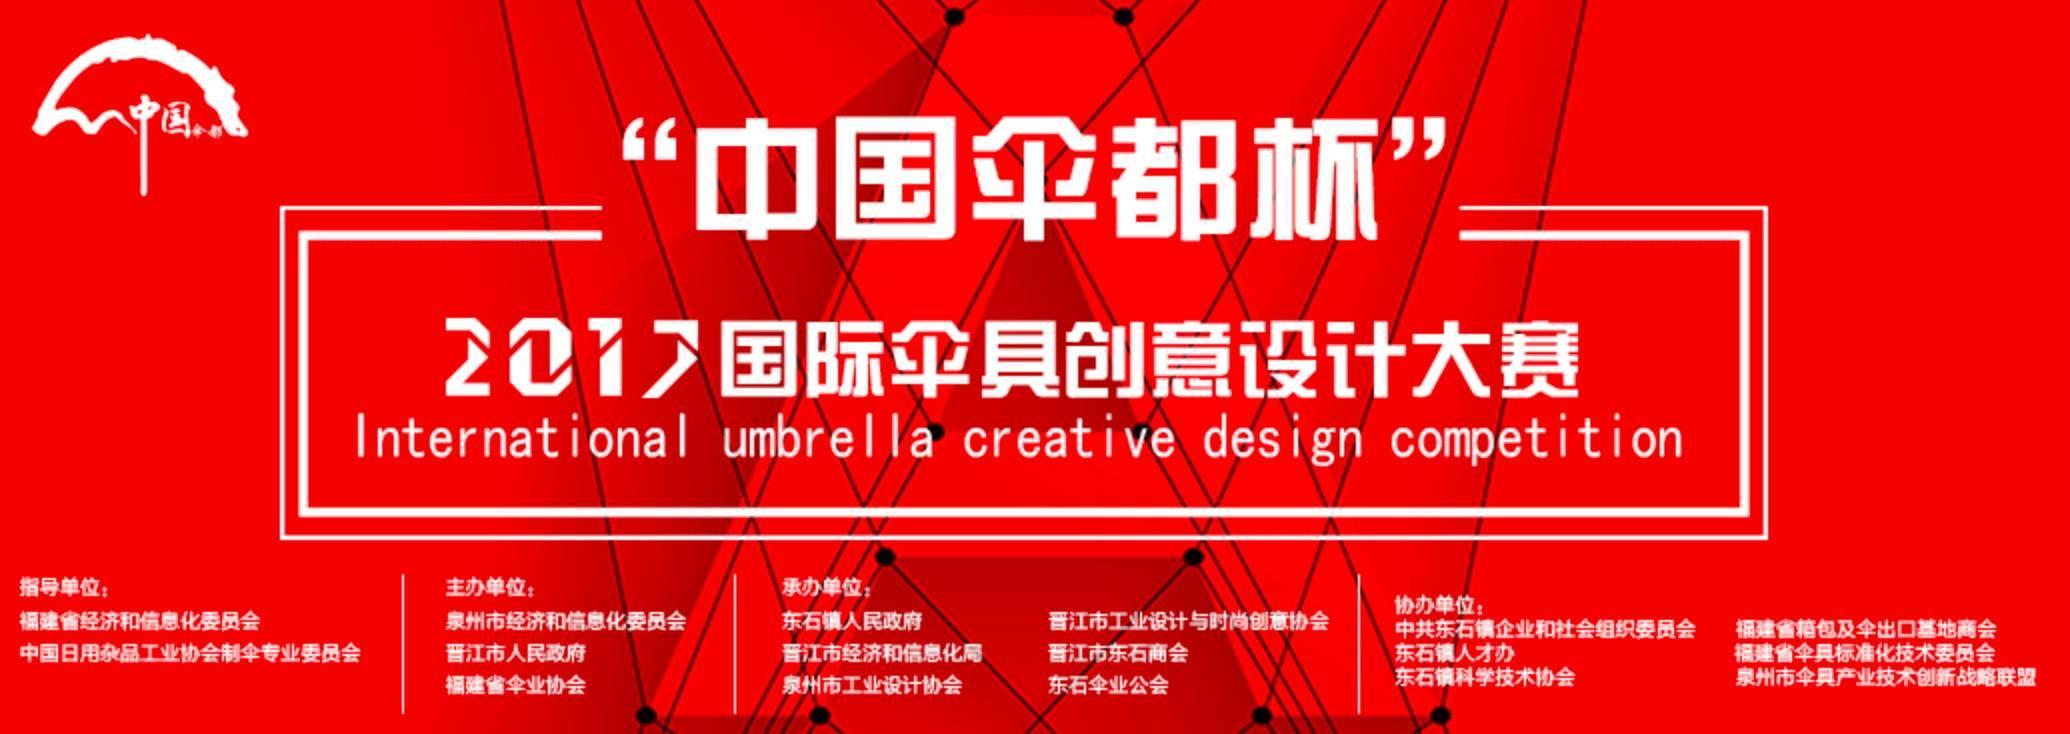 2017「中國傘都杯」國際傘具創意設計大賽